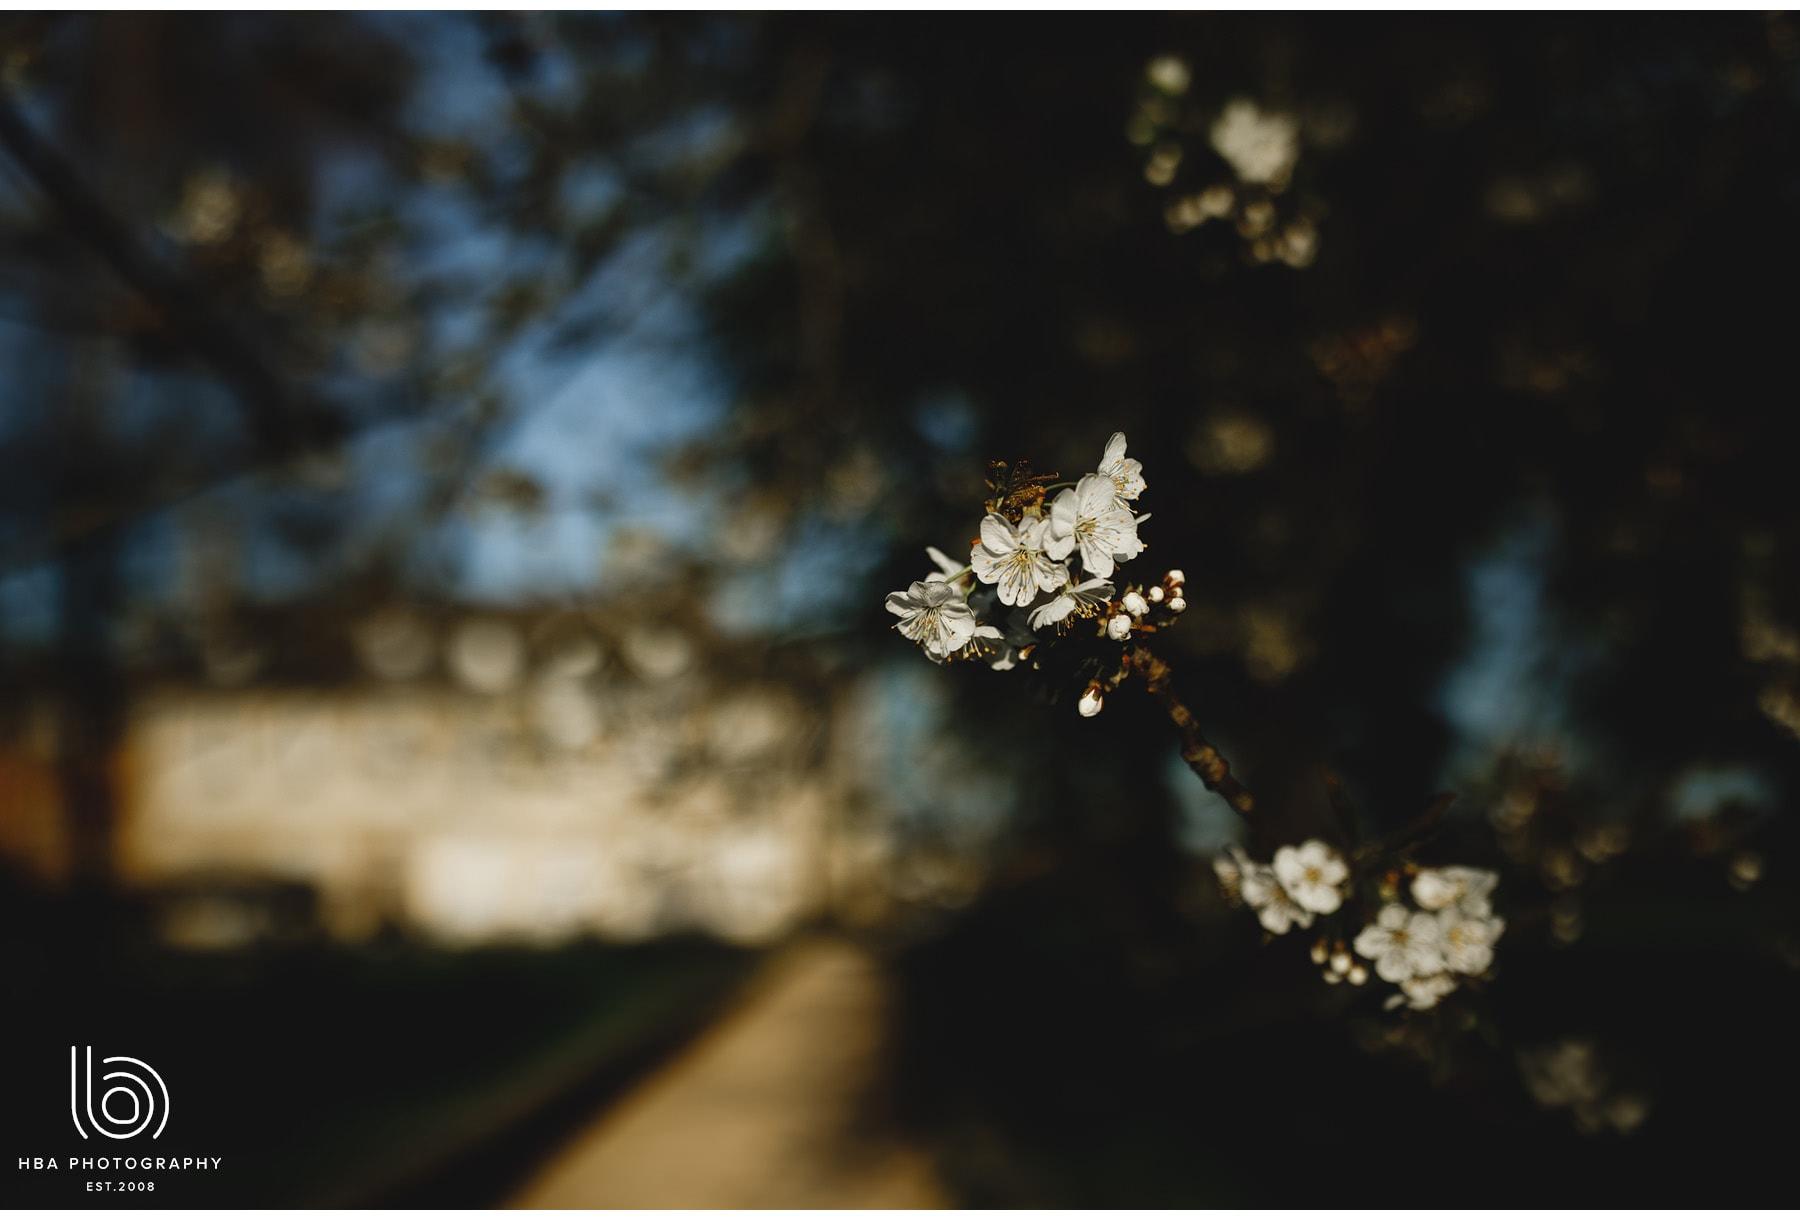 the spring blossom